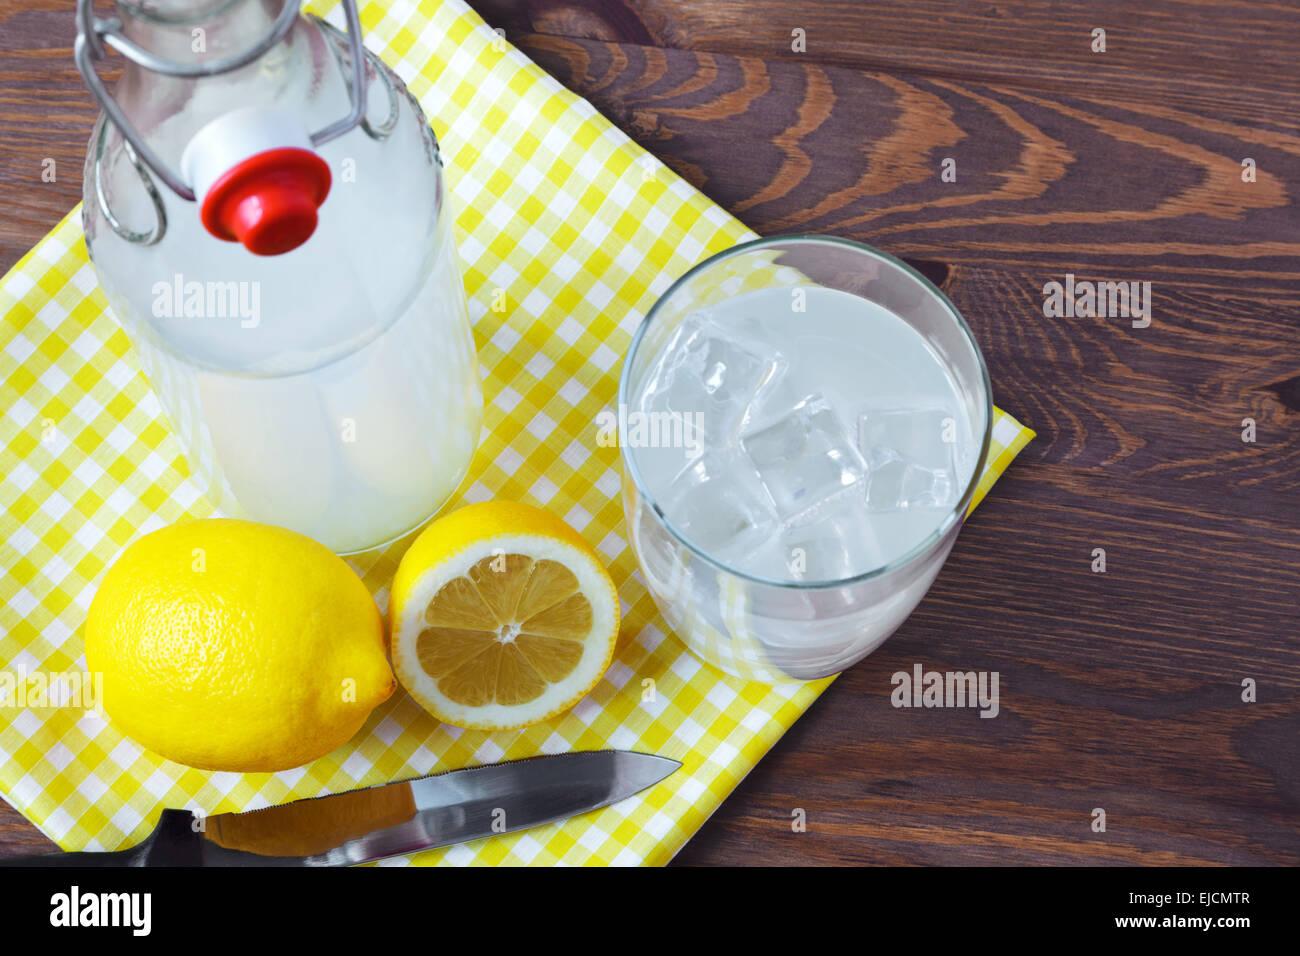 Still-Leben Foto von altmodisch oder traditionelle hausgemachte saure Limonade aus einem alten Stil-Glasflasche. Stockbild